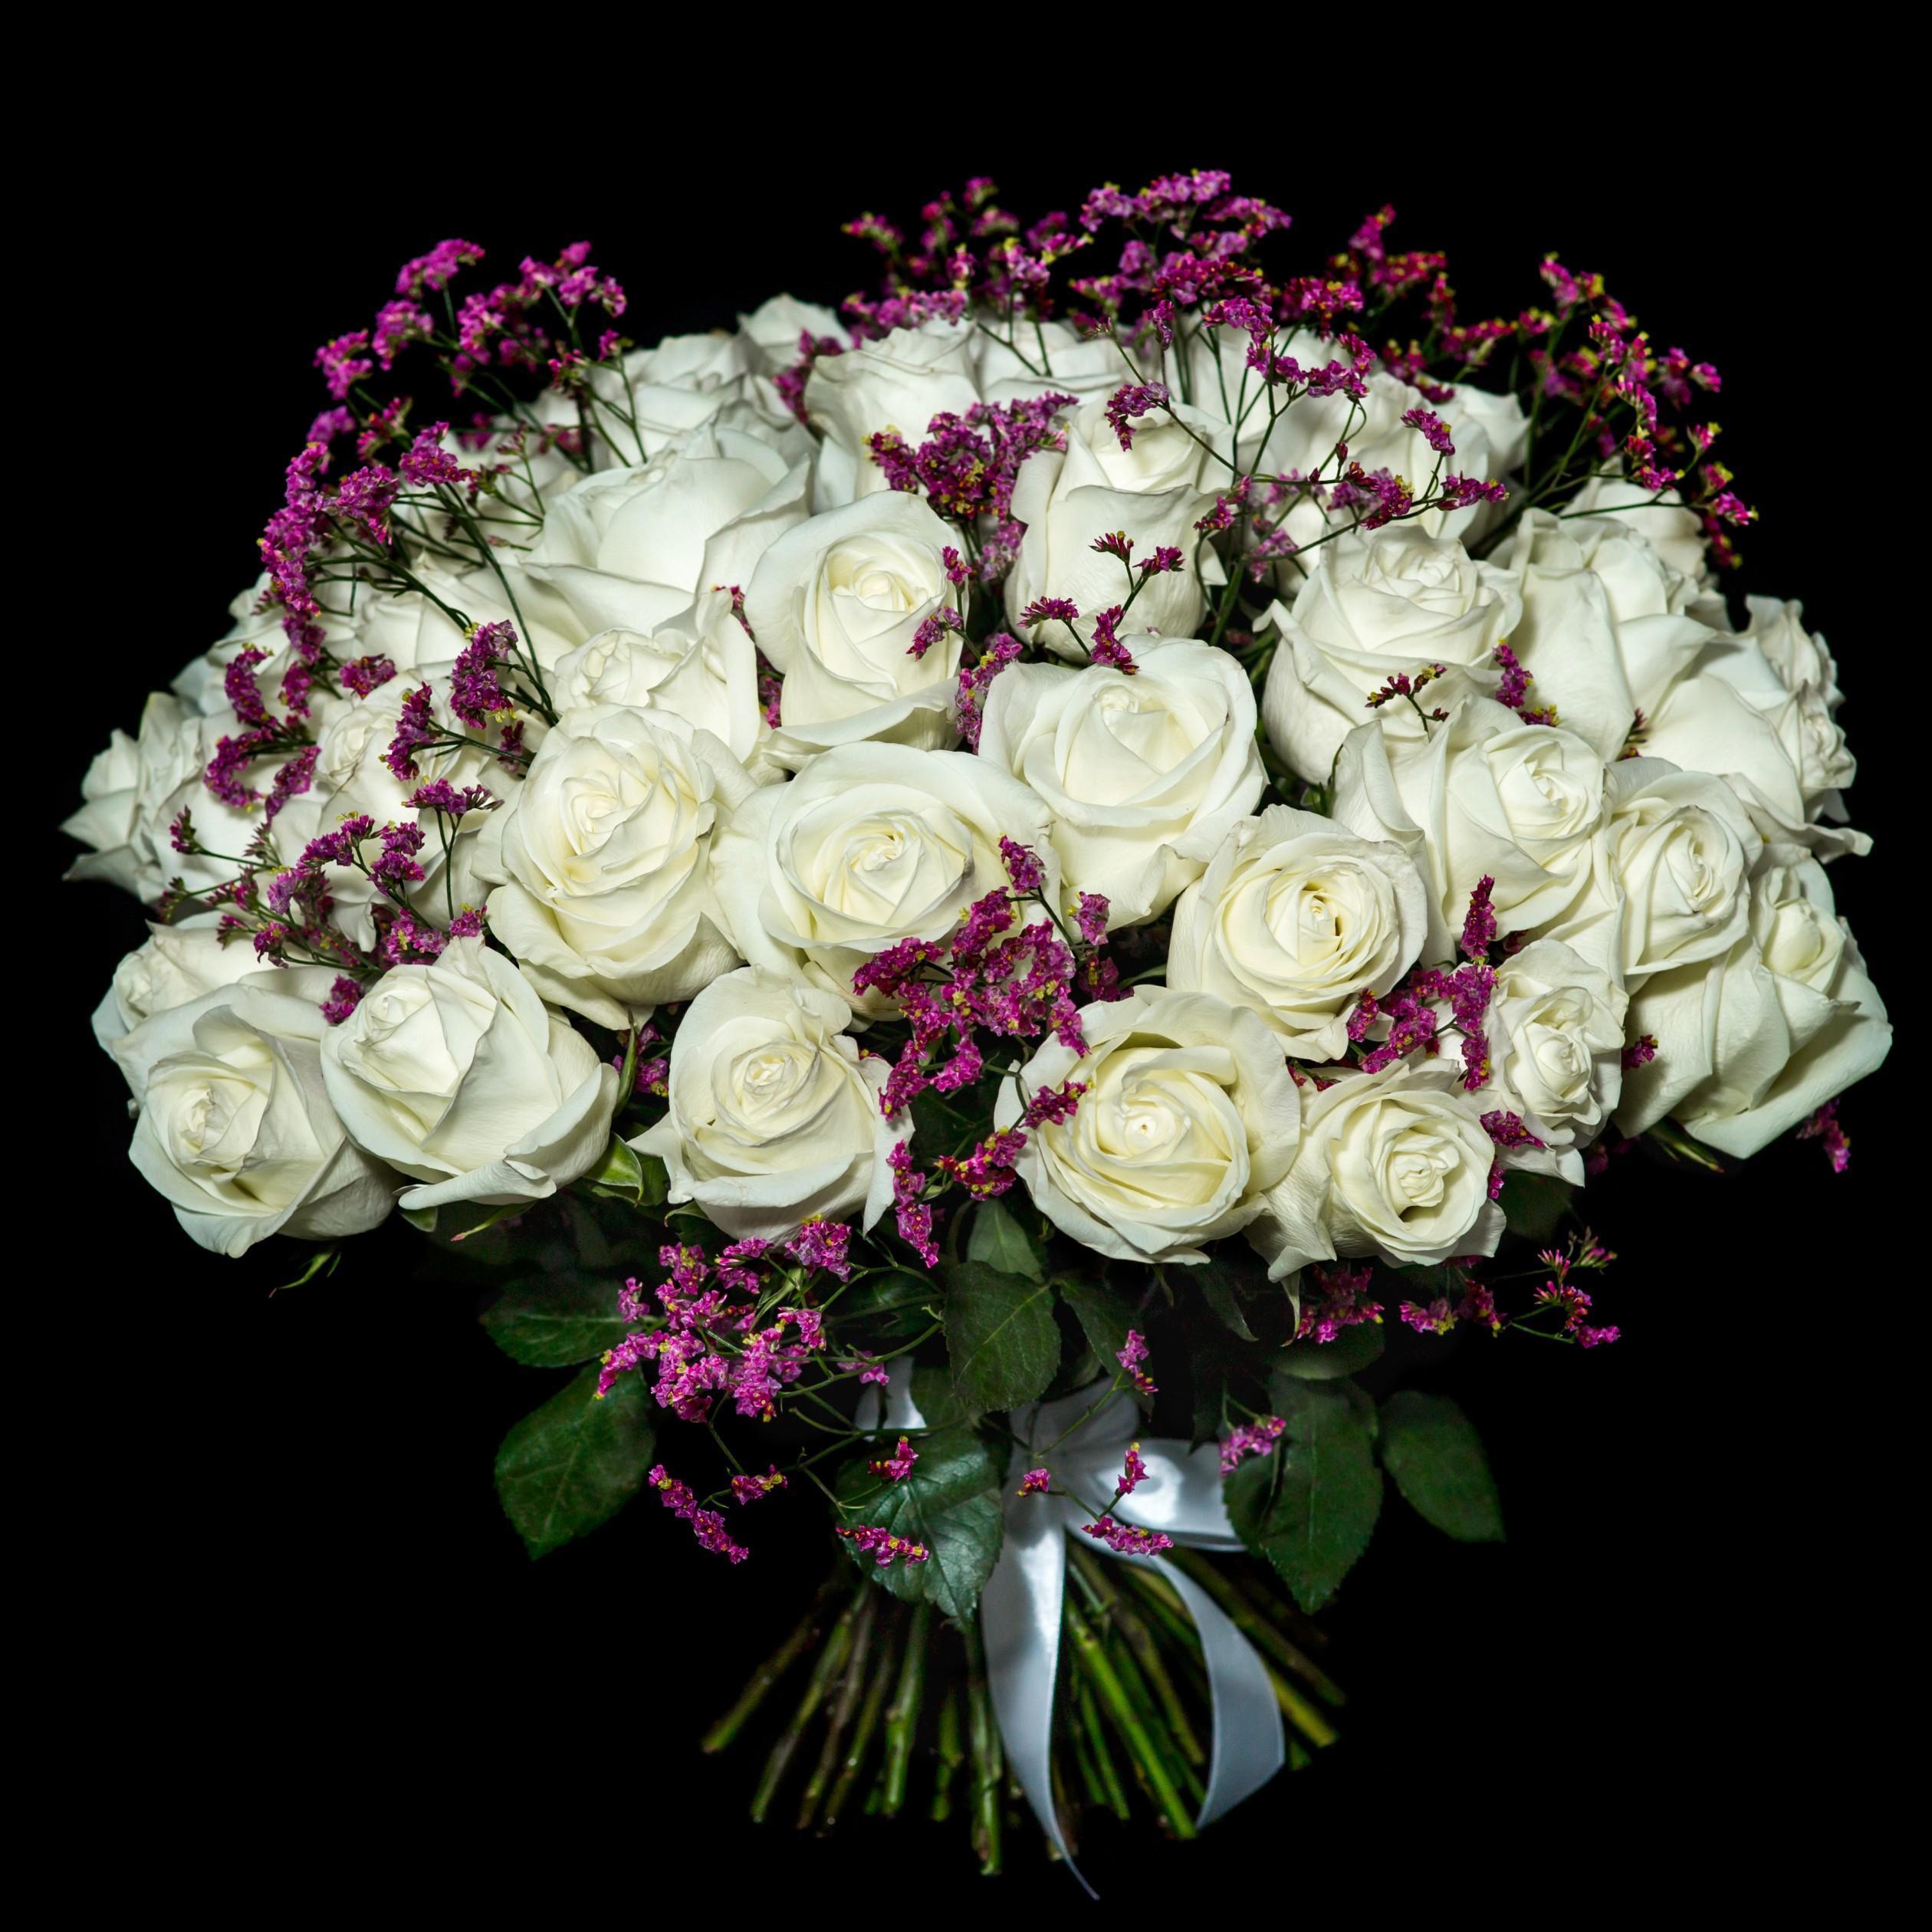 Красивый самый большой букет живых роз фото